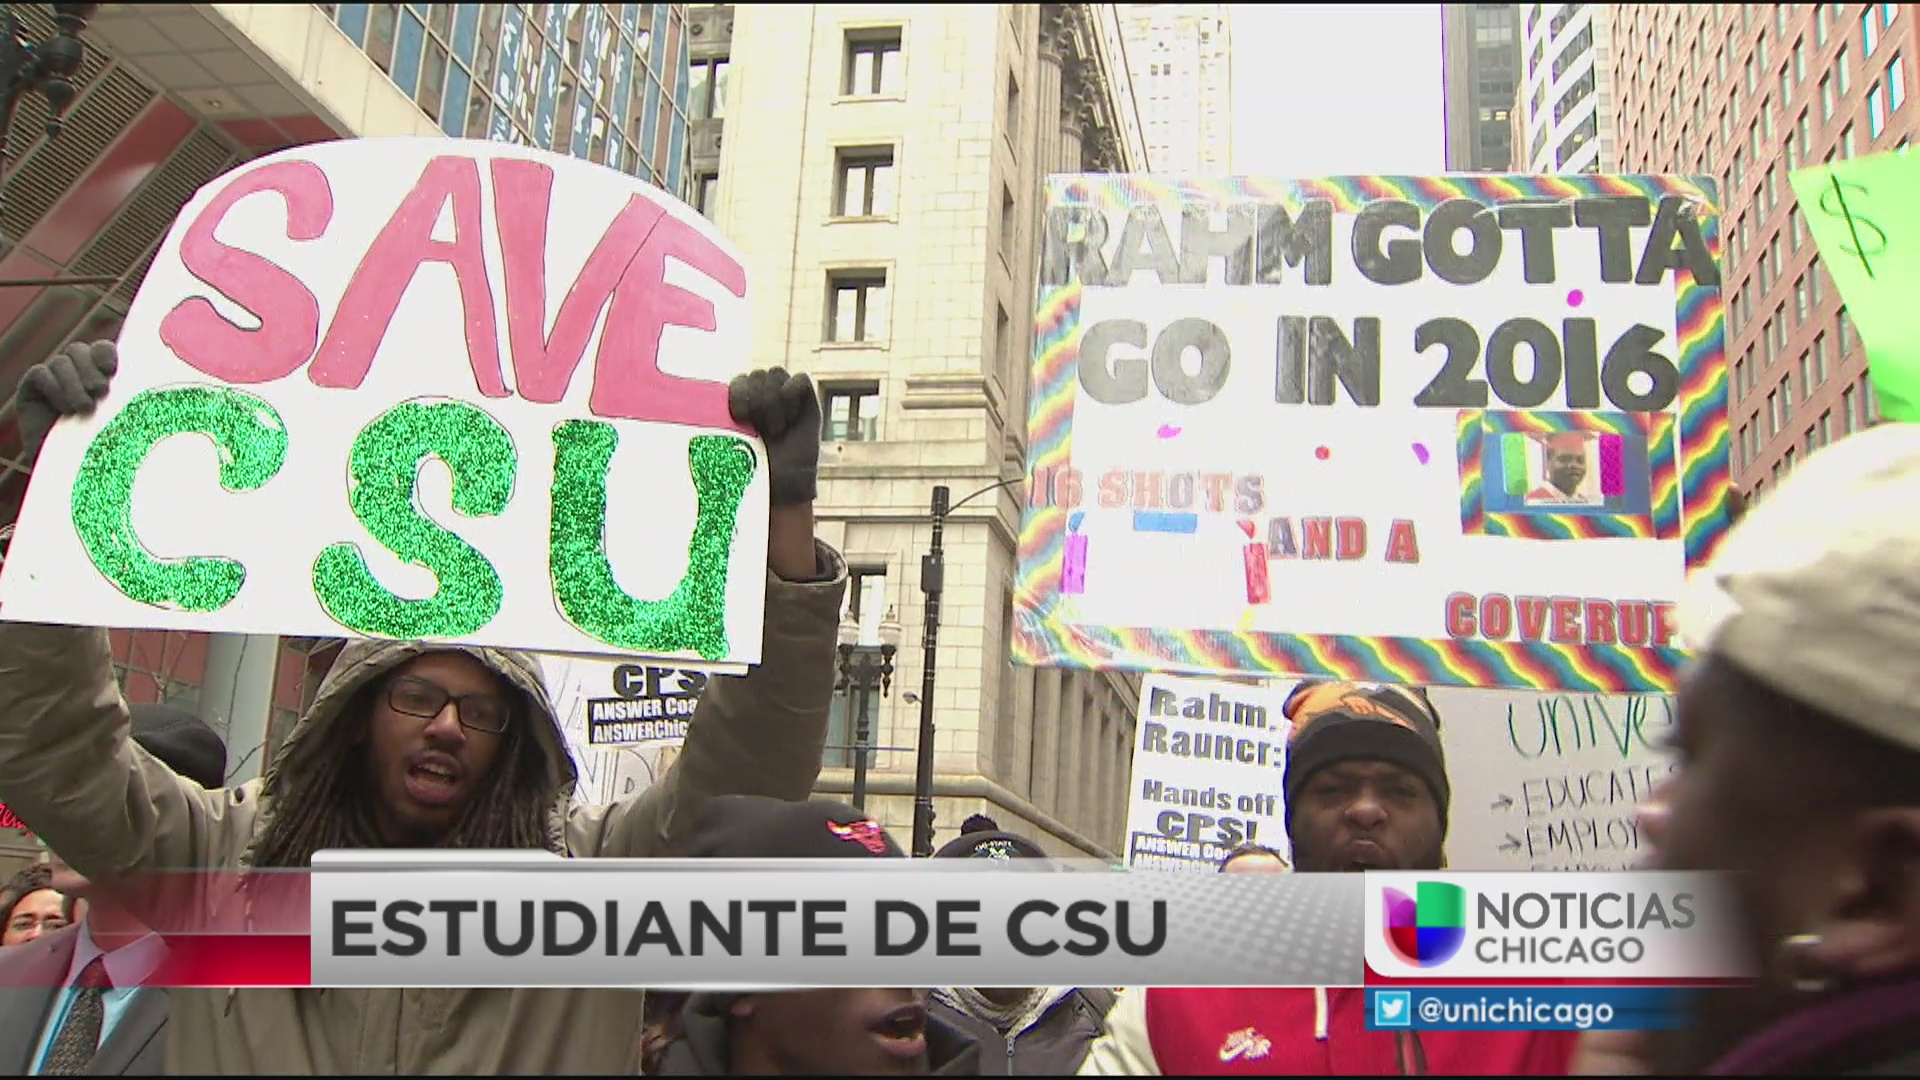 Estudiantes de CSU realizan protesta pidiendo fondos